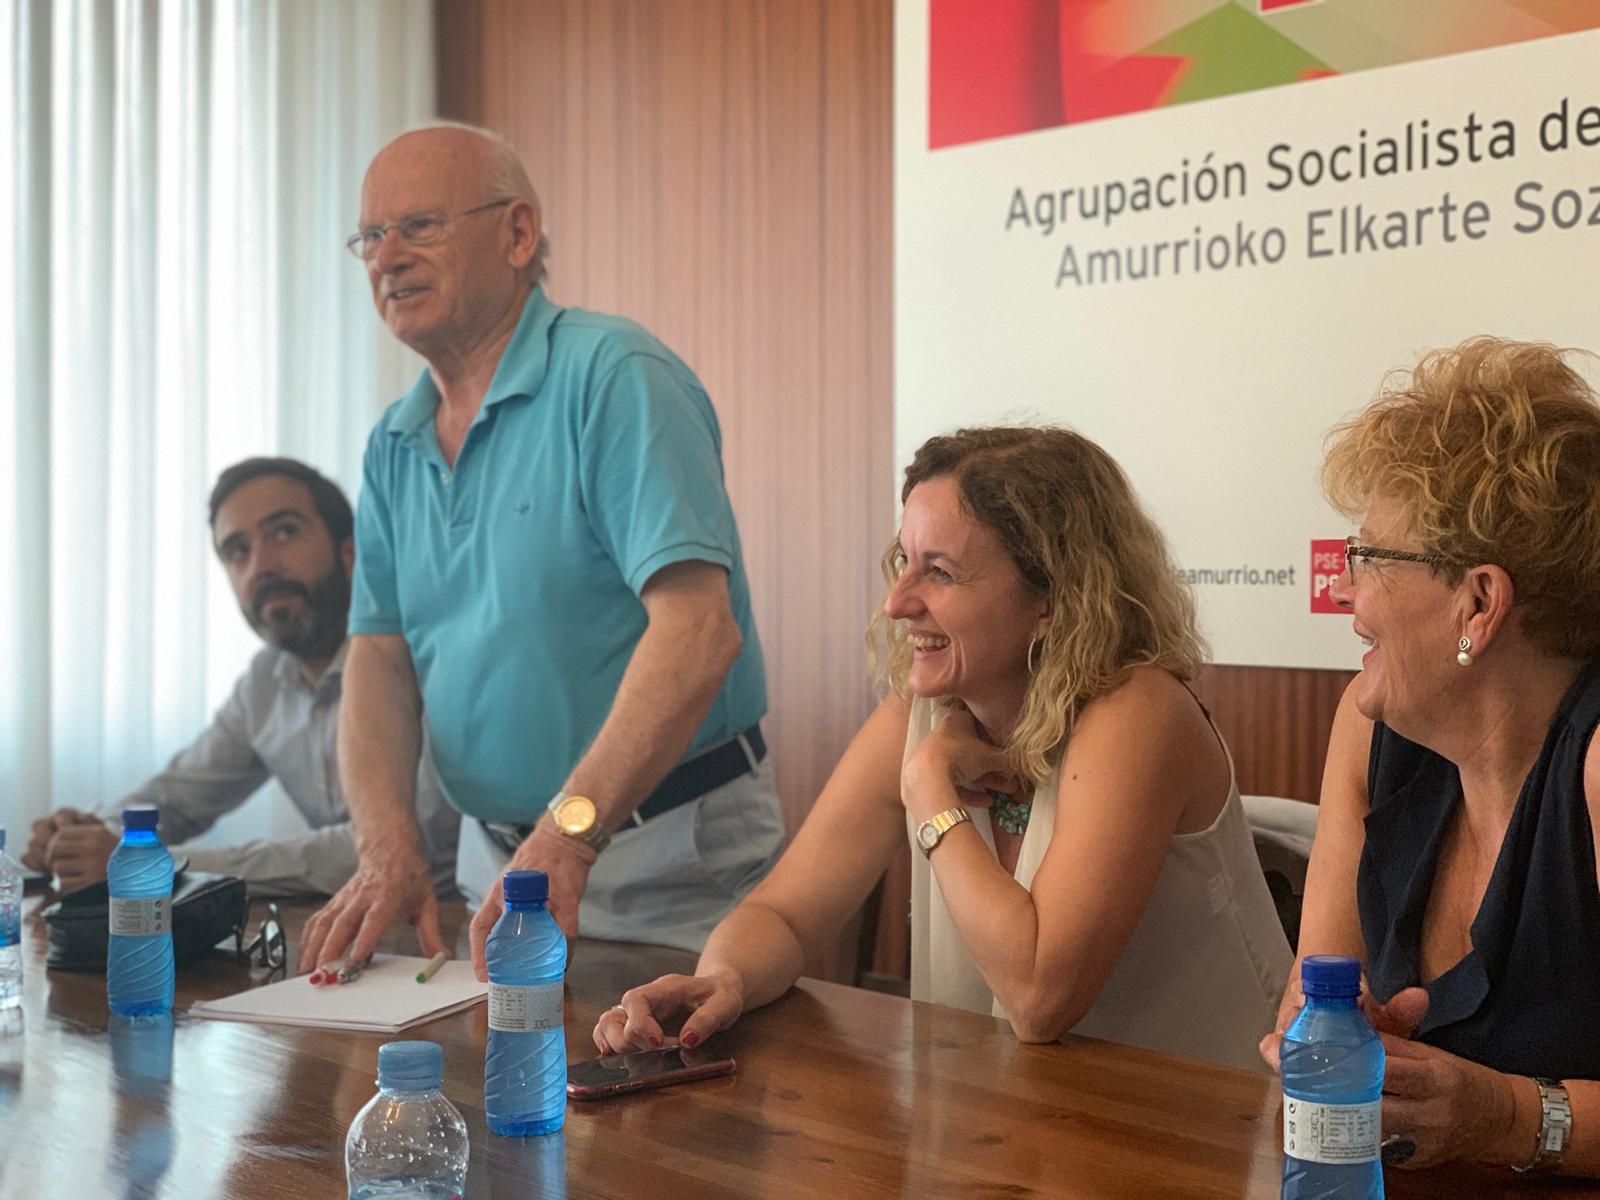 Reunión de trabajo con la Agrupación Socialista de Amurrio